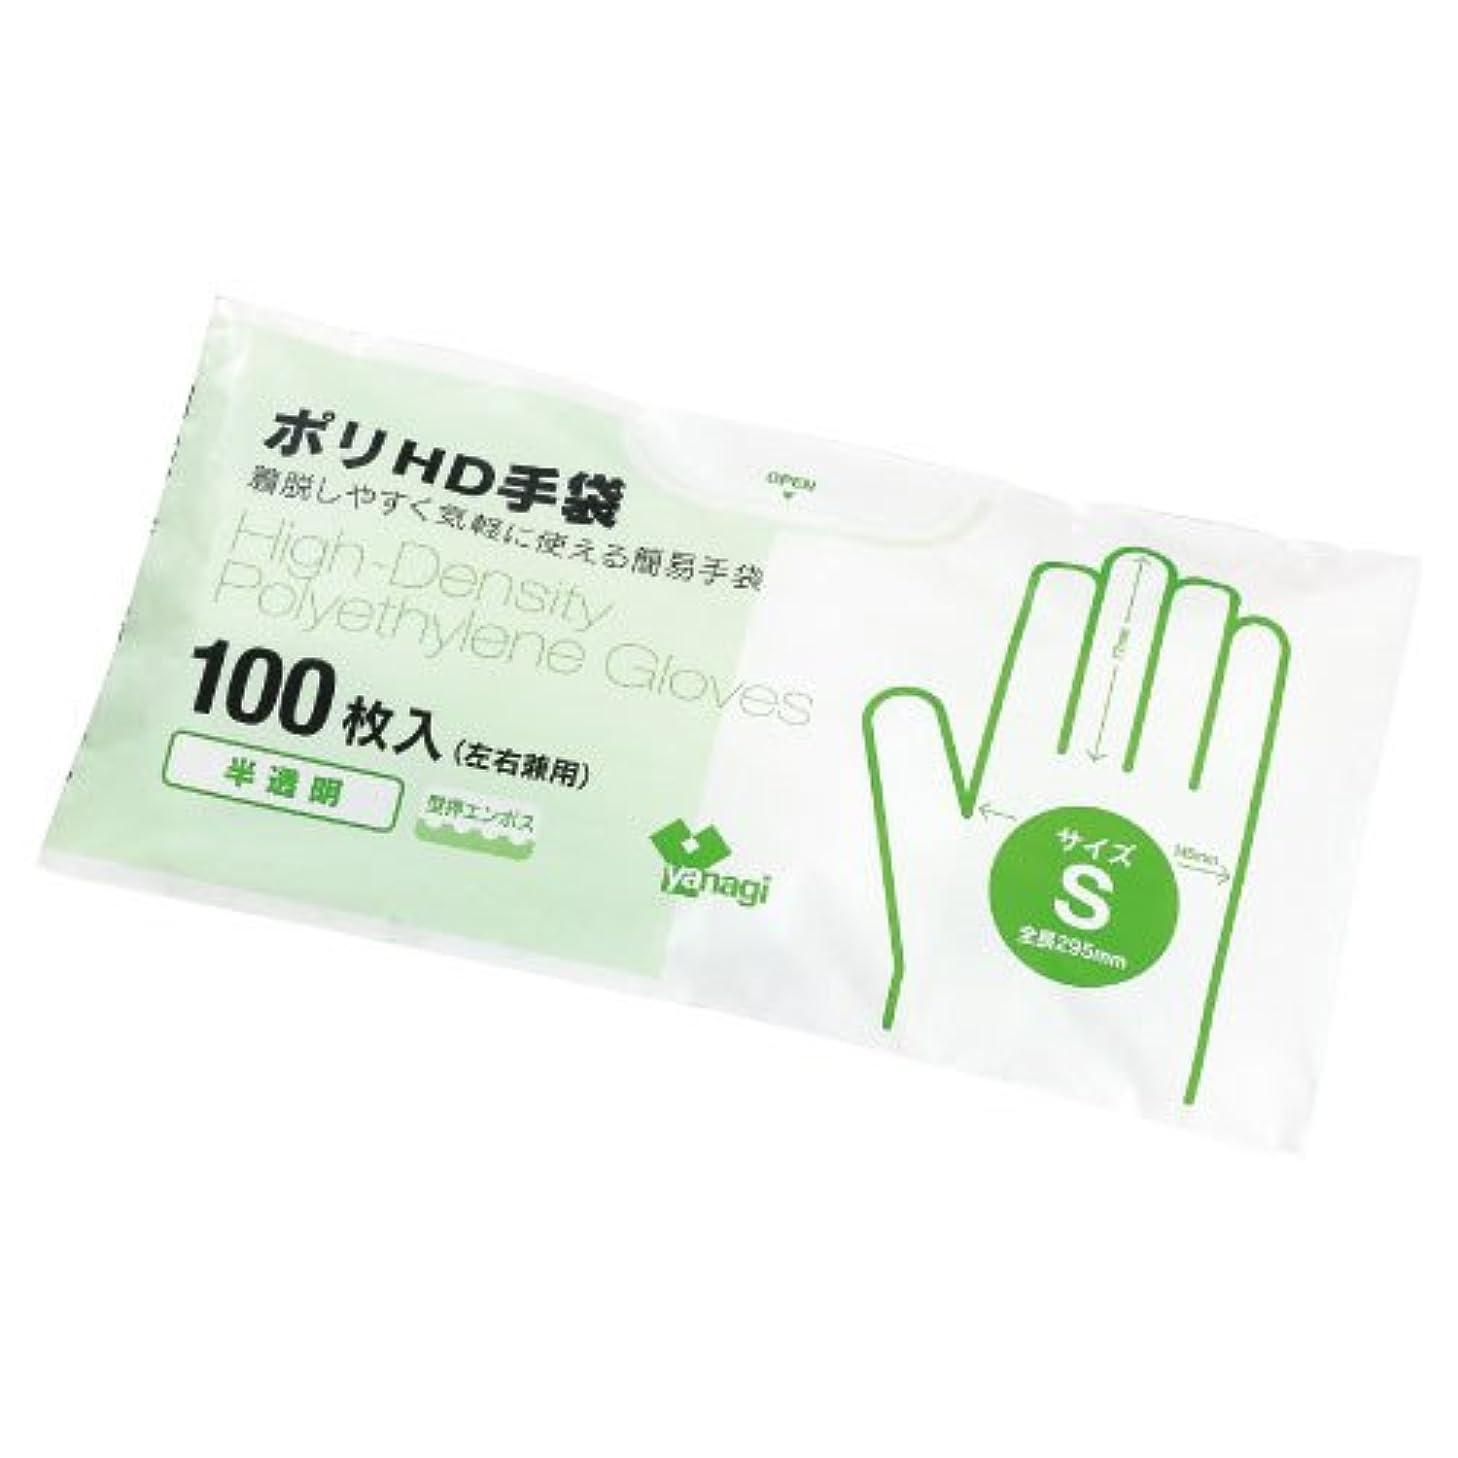 ちょっと待って怠な政策ポリHD手袋(半透明)型押エンボス TB-203(M)100???? ???HD???????????????(24-2575-01)【やなぎプロダクツ】[120袋単位]